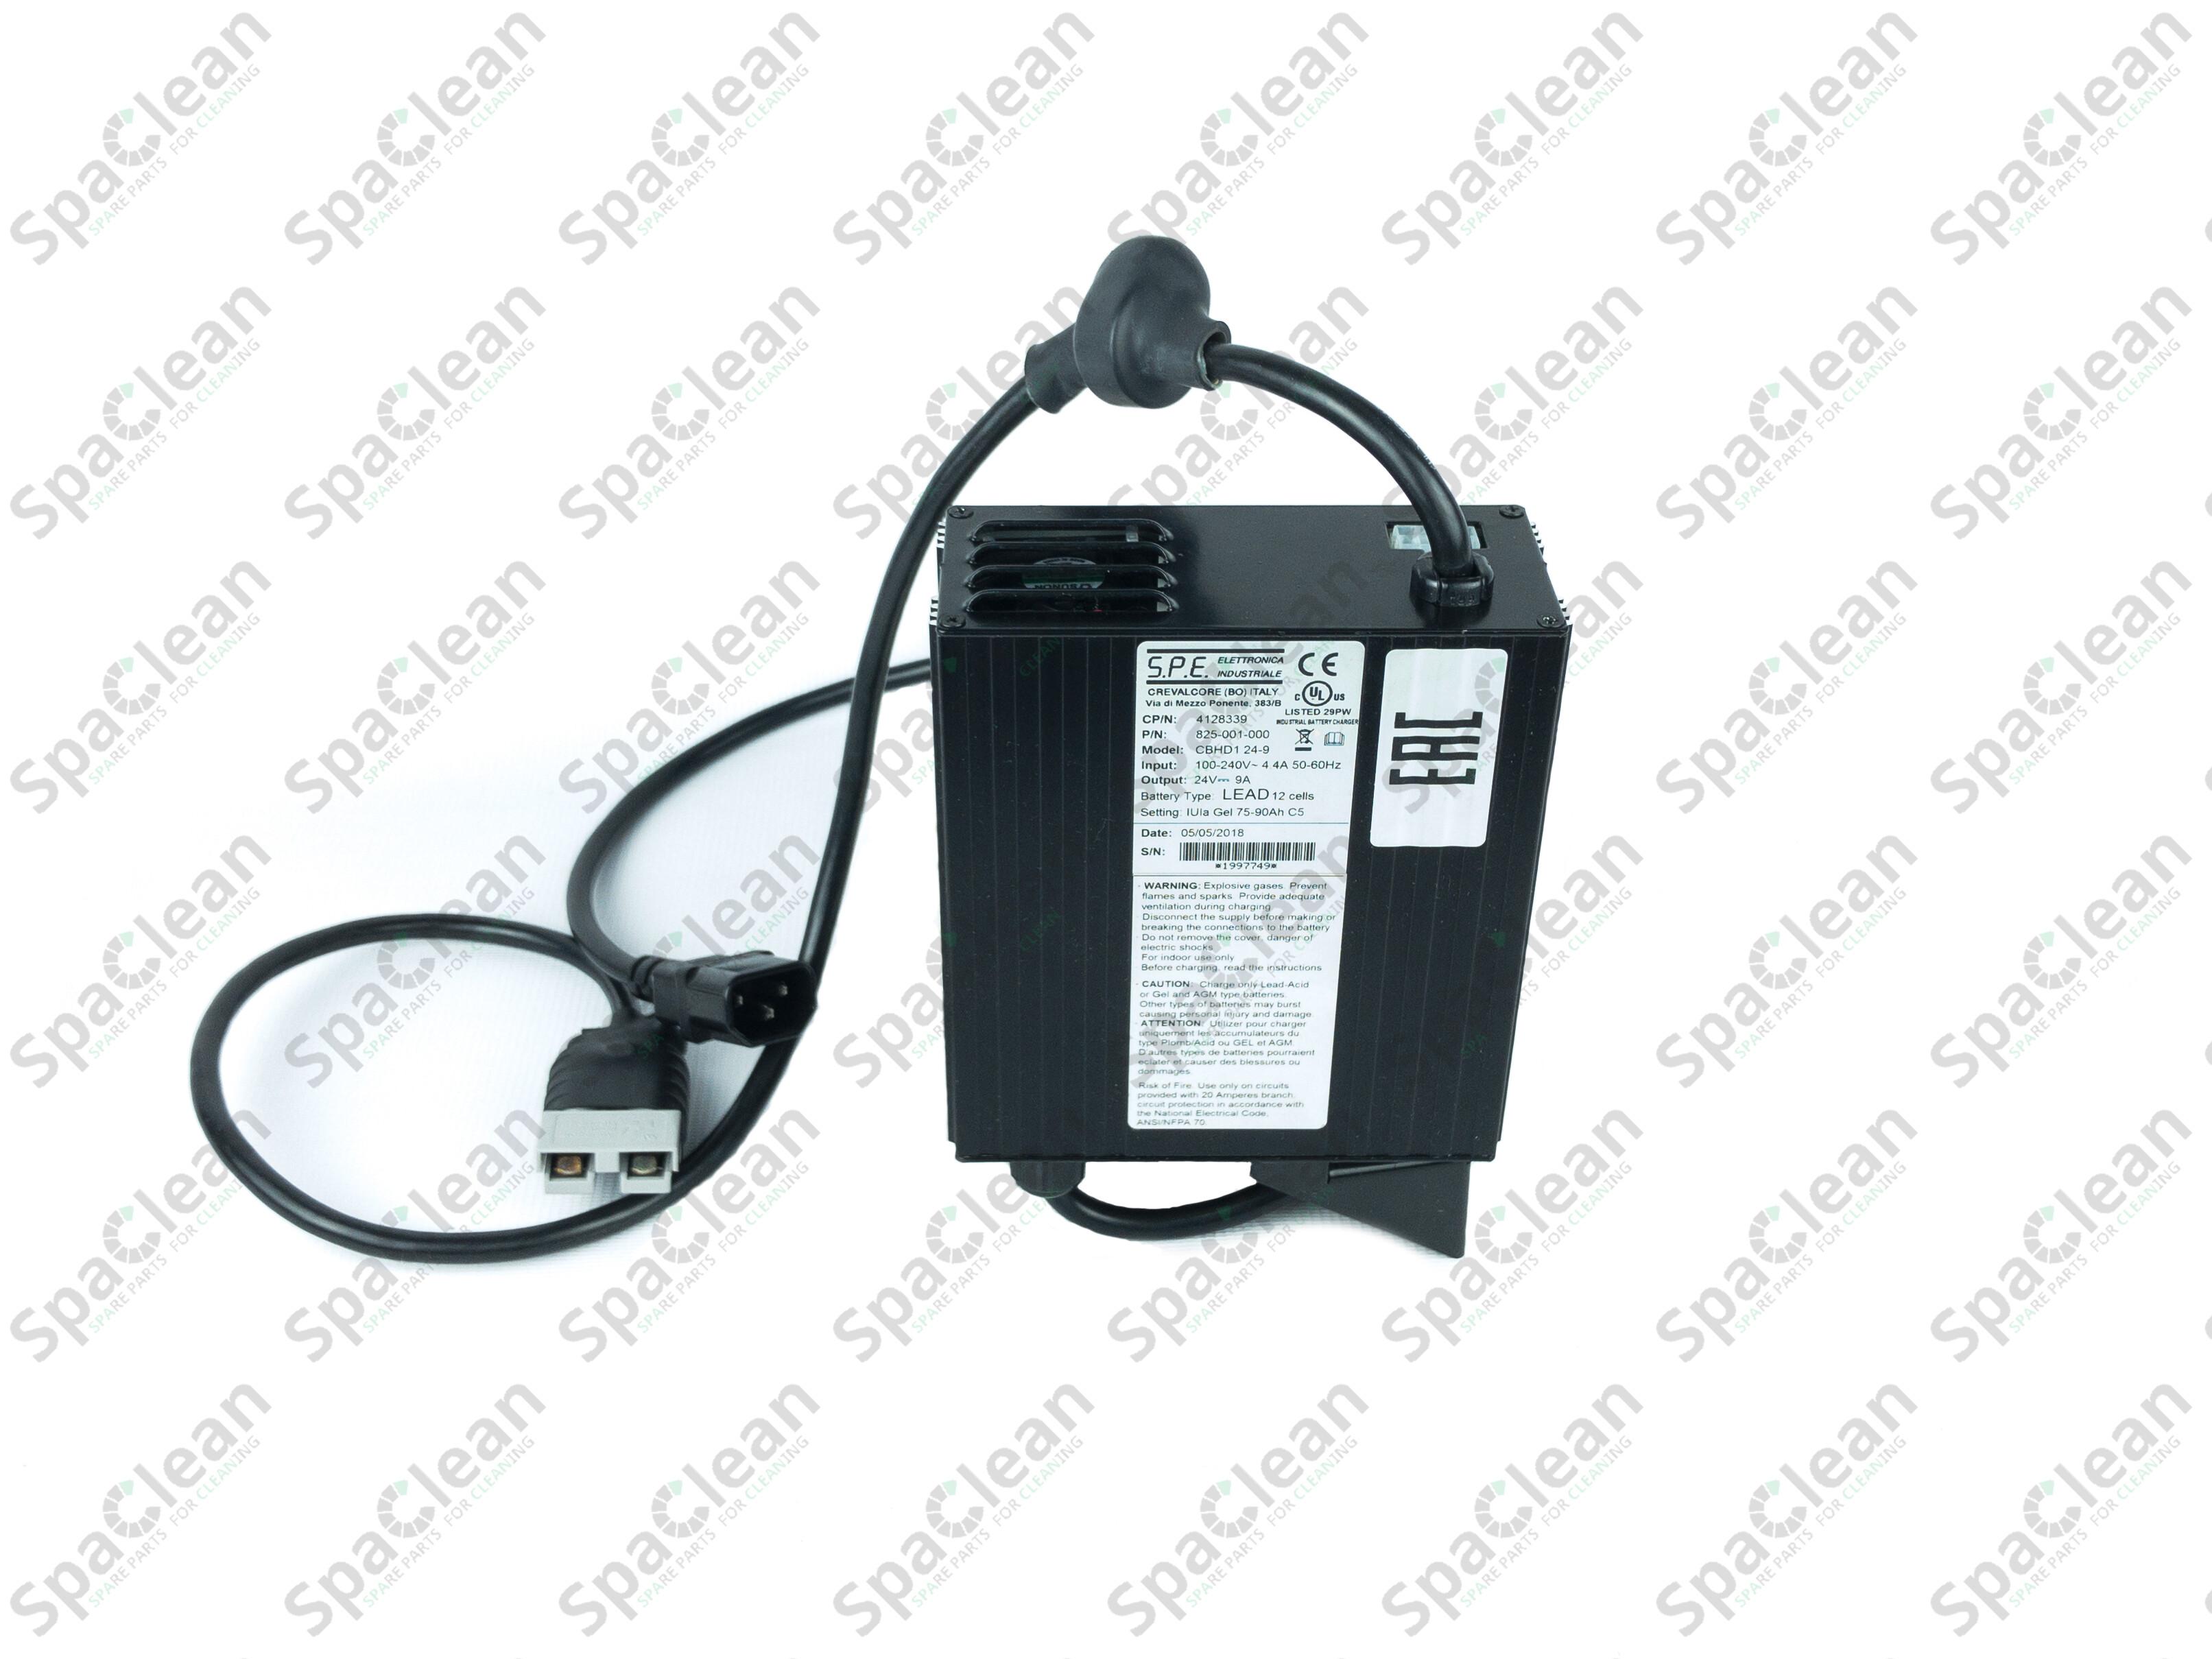 17620-67 Зарядное устройство CBHD1 24V 9A